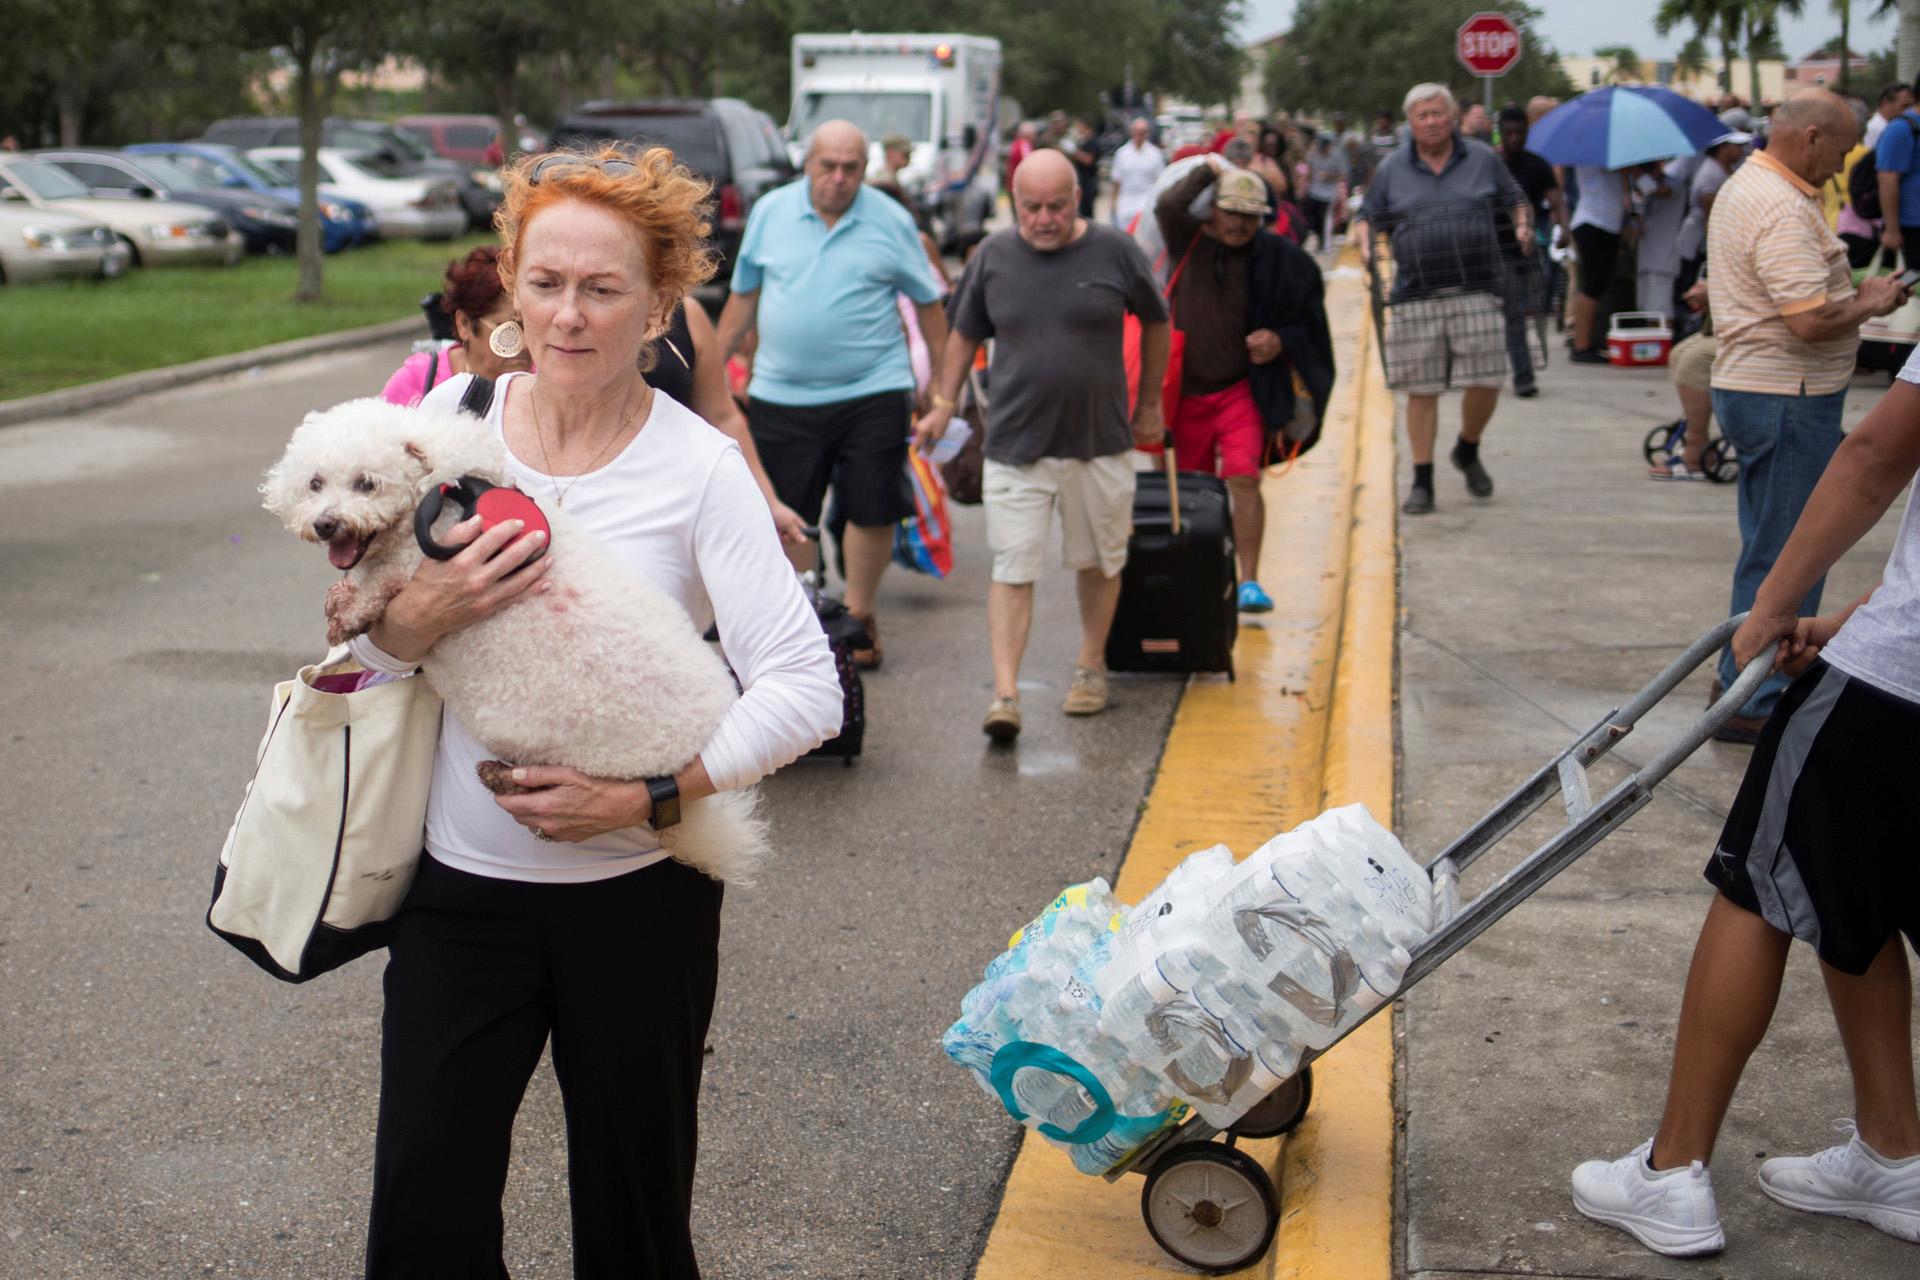 Los residentes llevan sus mascotas y pertenencias a un refugio antes de la caída del huracán Irma en Estero, Florida. (Reuters)